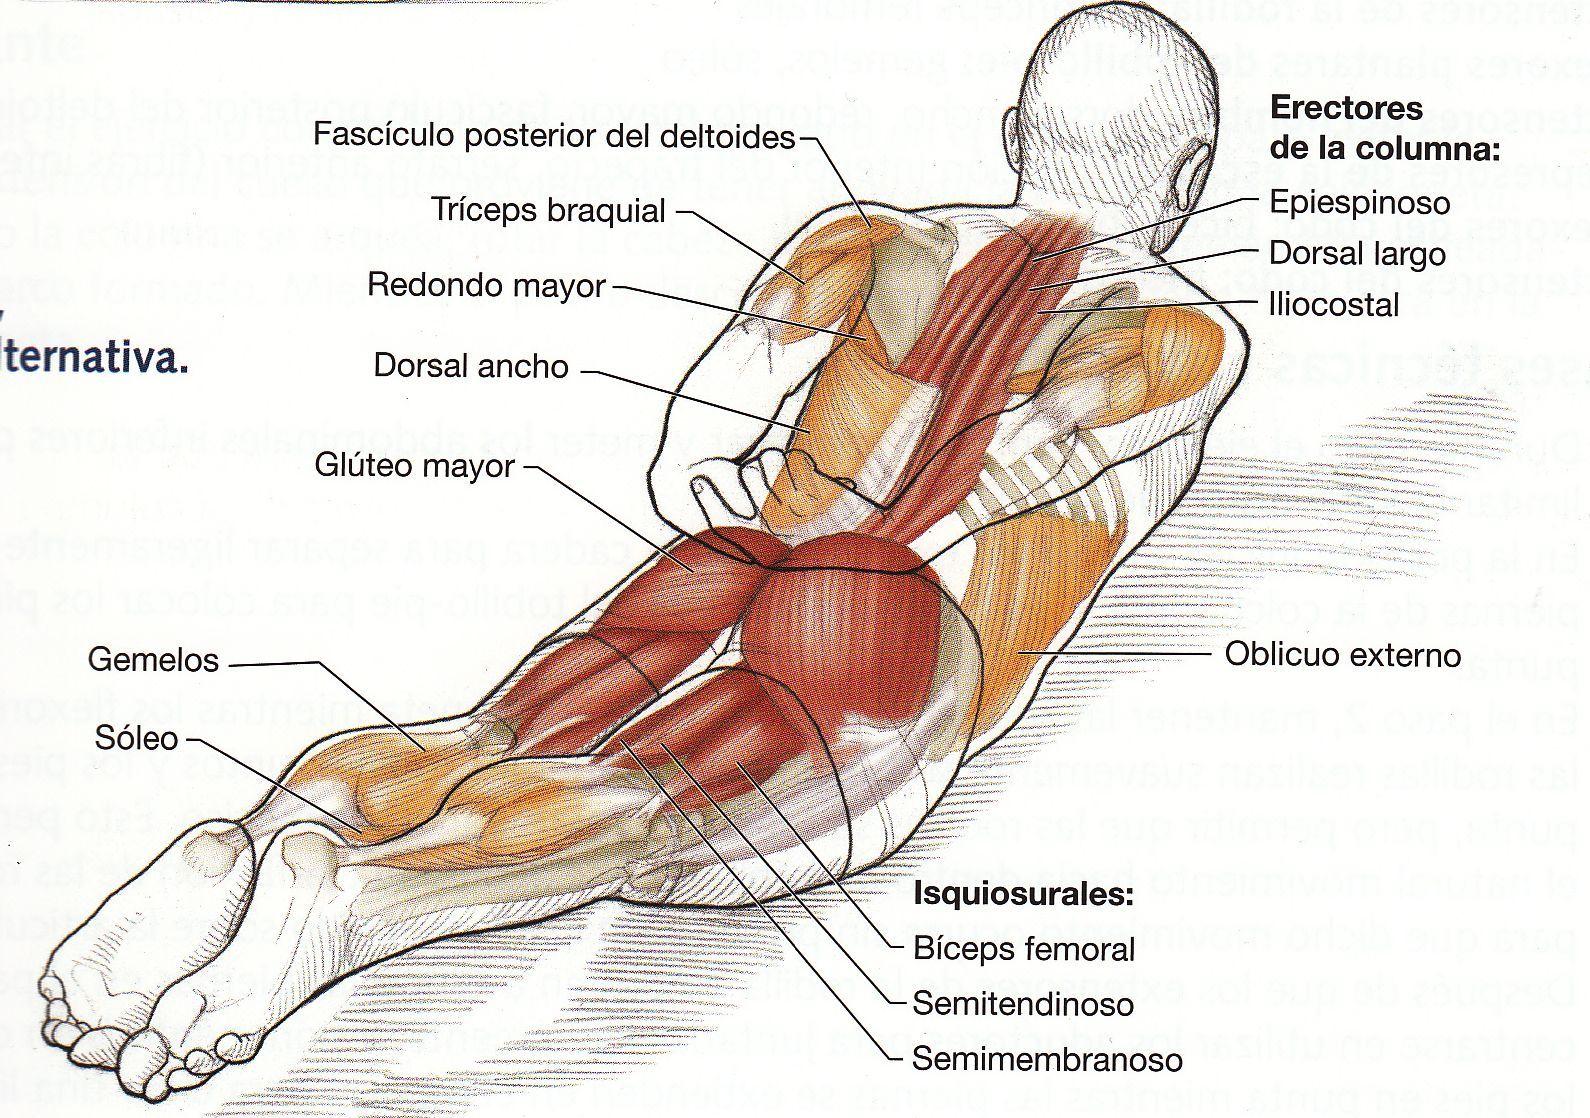 como.trabajar los diferentes musculos de los gluteos - Buscar con ...